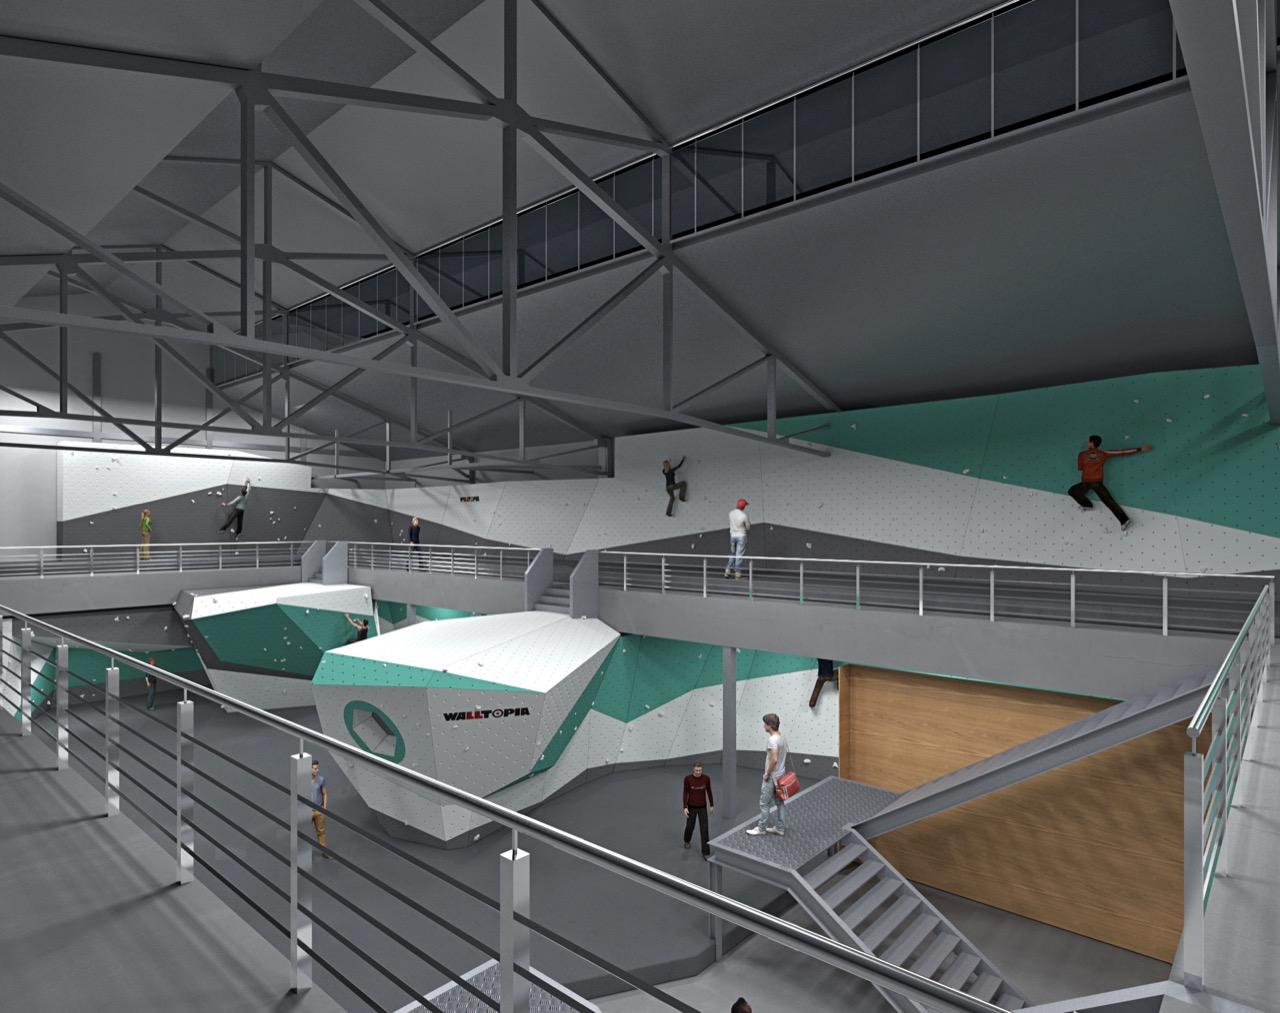 Kletterausrüstung Ravensburg : Outdoor consulting u2013 planung konzeption und bau von kletteranlagen